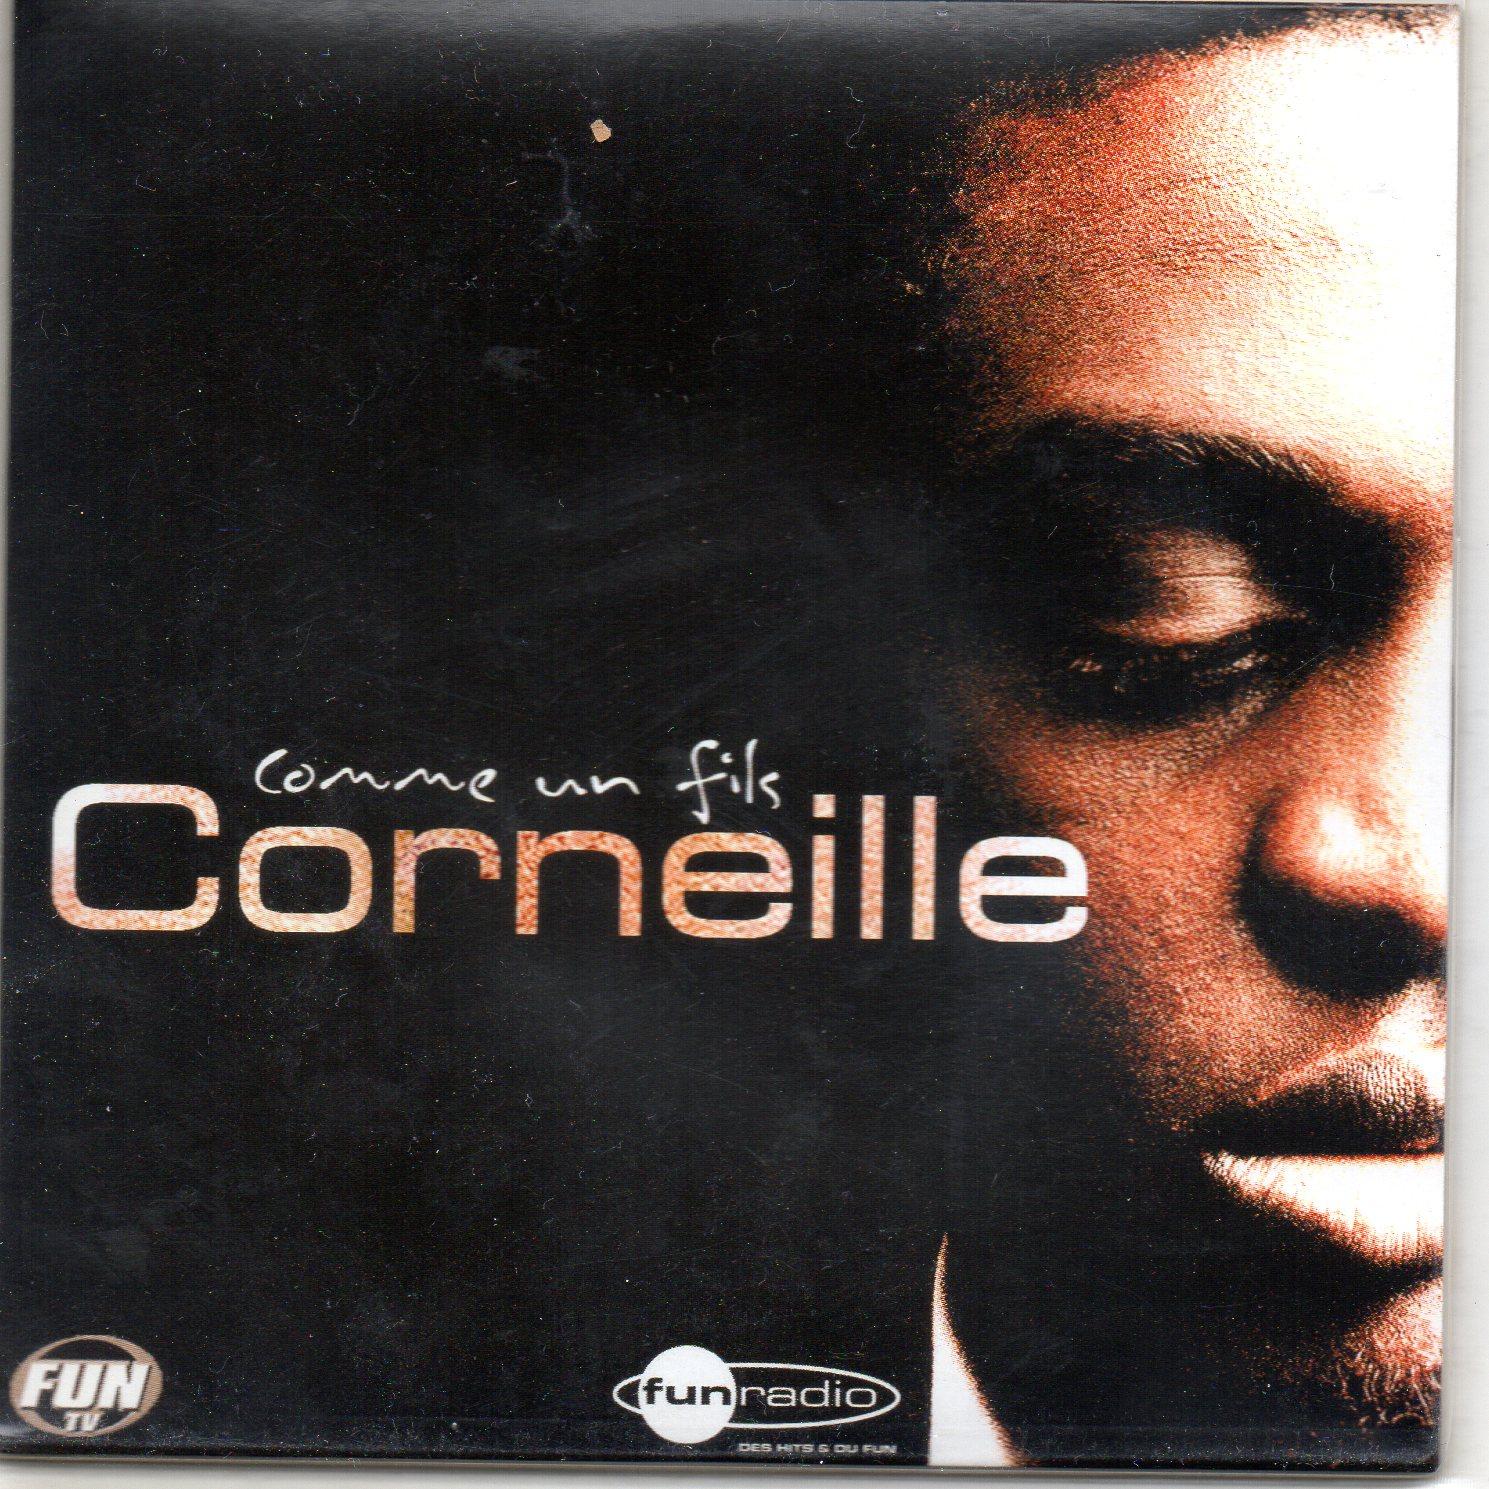 CORNEILLE - Comme un fils 2-track CARD SLEEVE - CD single